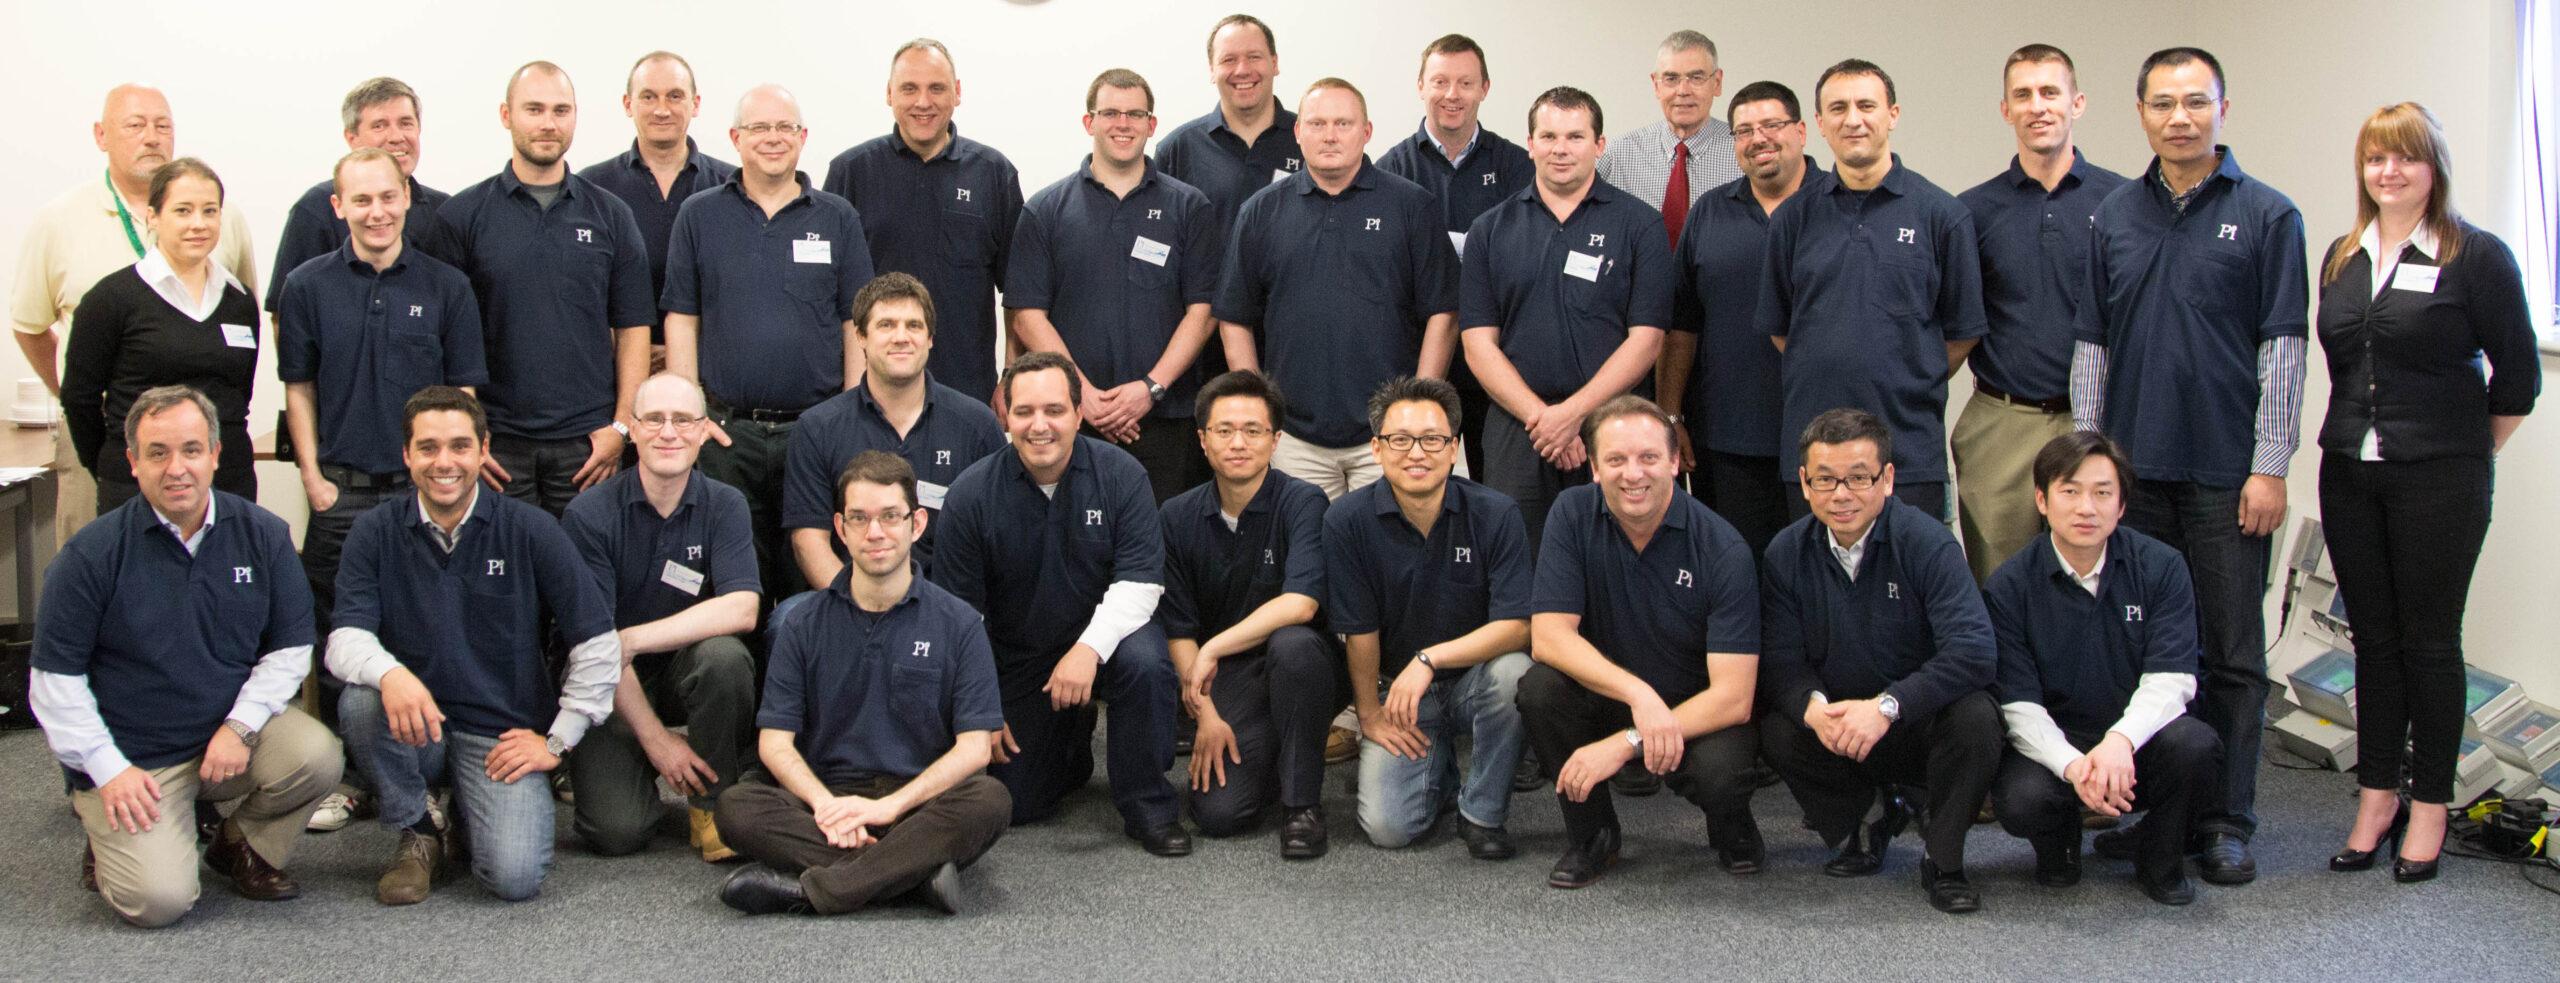 Distributor Meeting Group Pic 2013